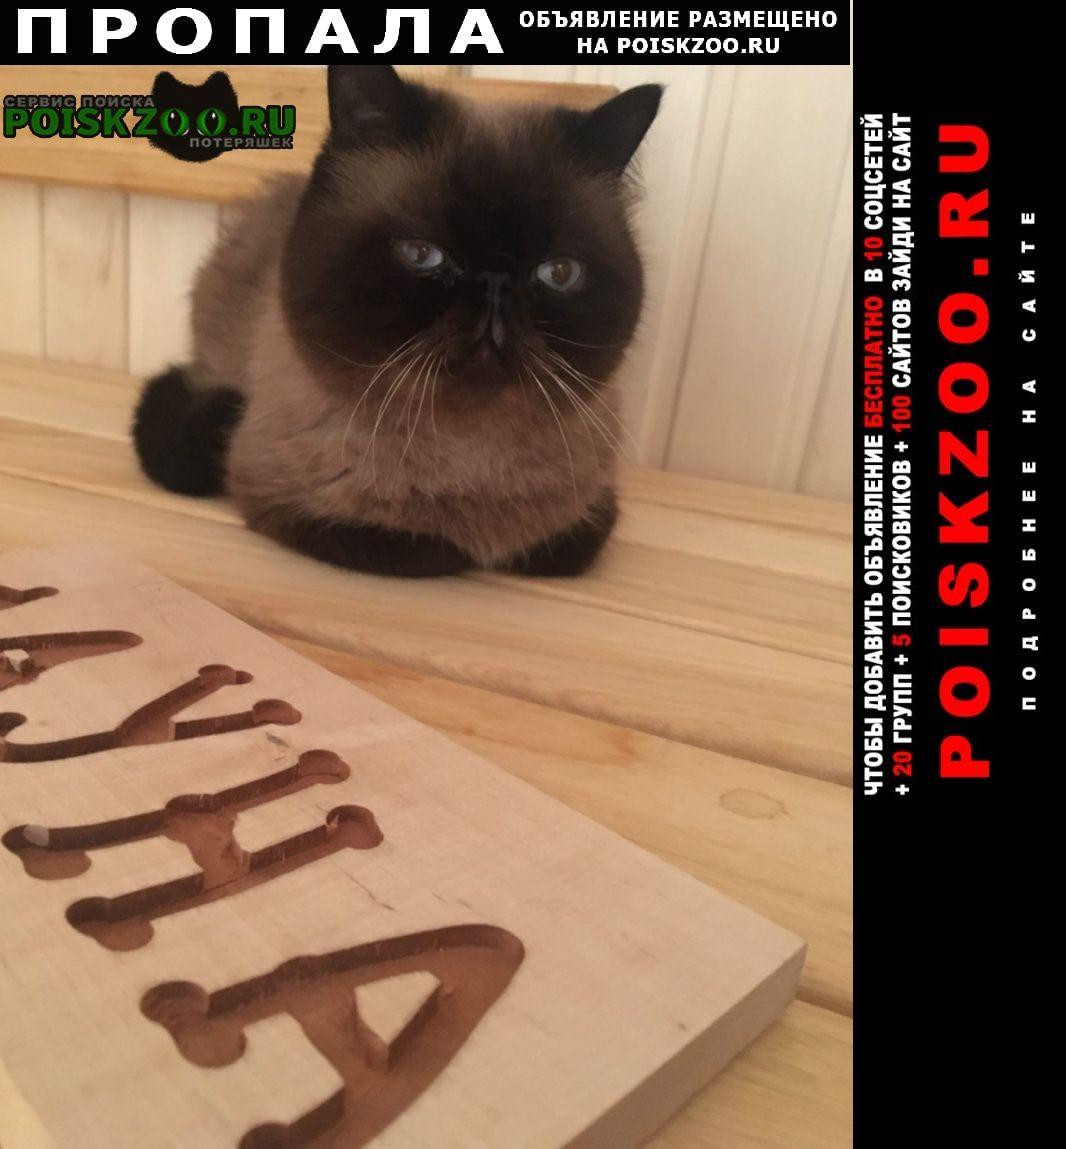 Пропал кот г.Выборг